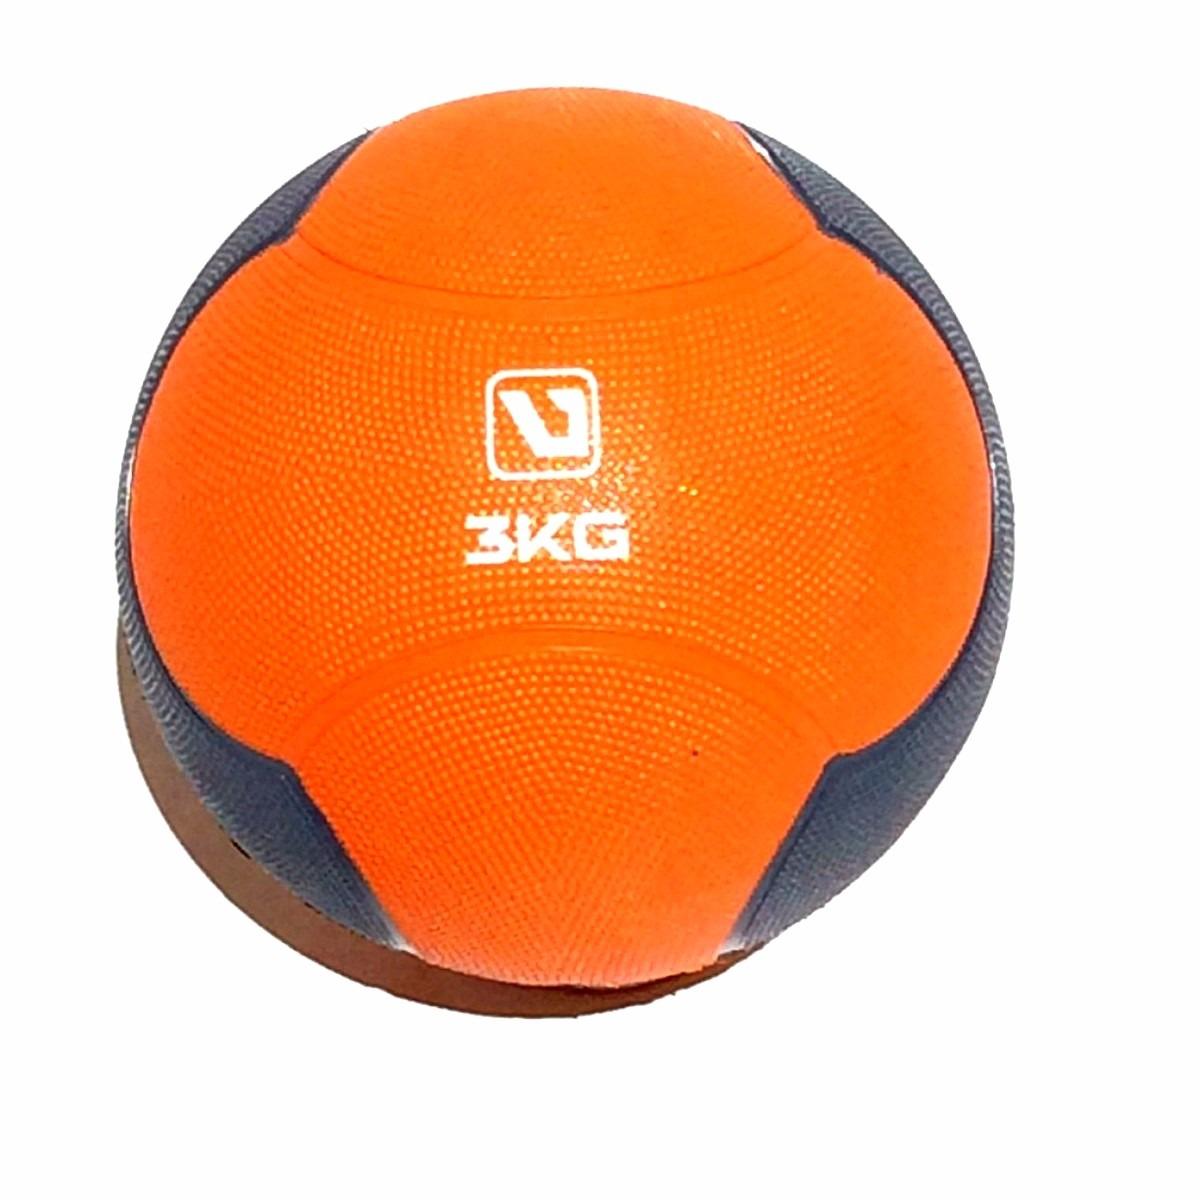 Bola Medicine Ball Live Up 3 Kg - Bola Peso - R  179,00 em Mercado Livre ff15fe7cb4